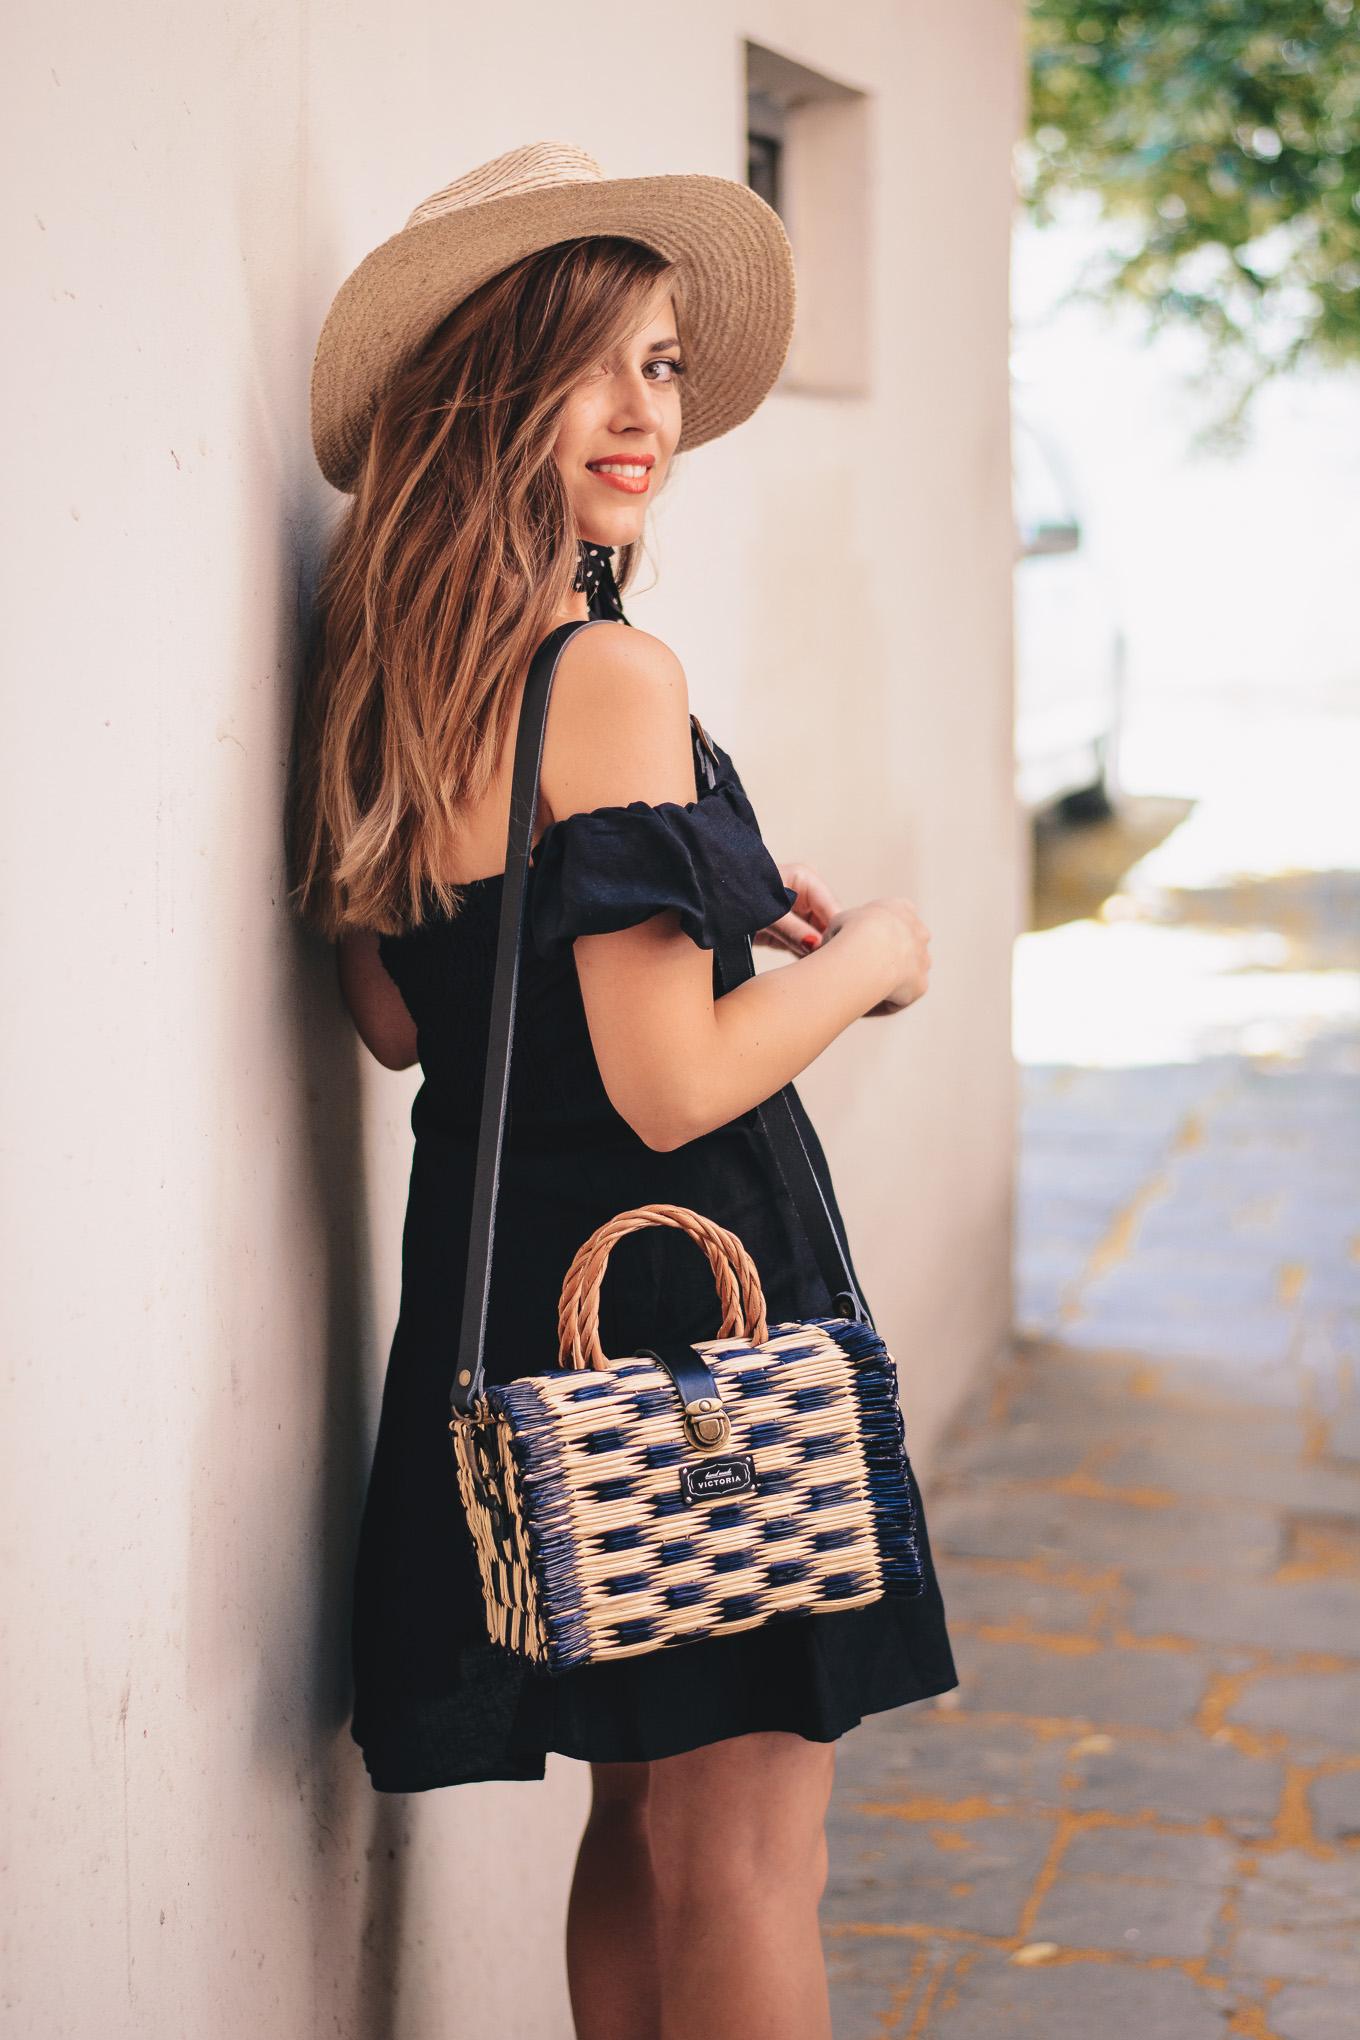 Victoria handmade navy blue basket